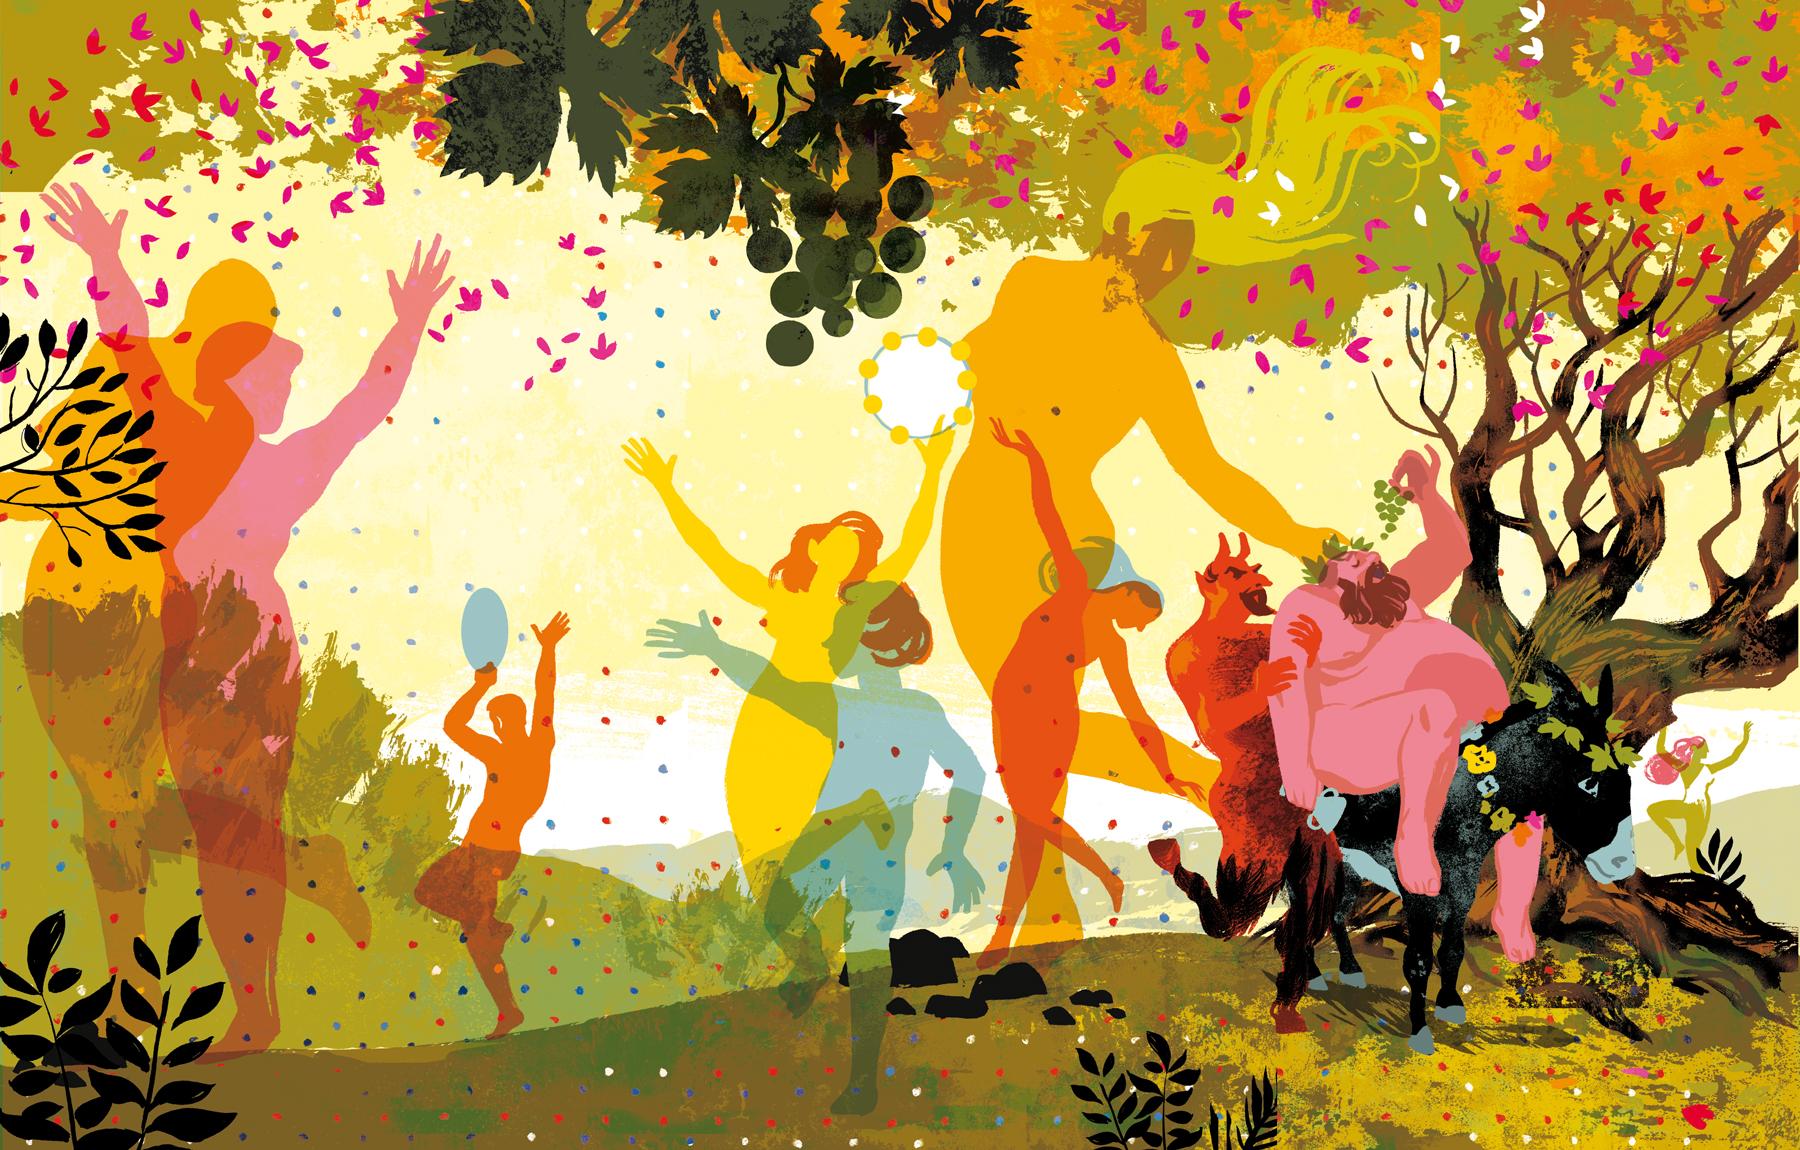 illustration de Olivier Balez - groupe de personnes dansant au milieu d'arbres